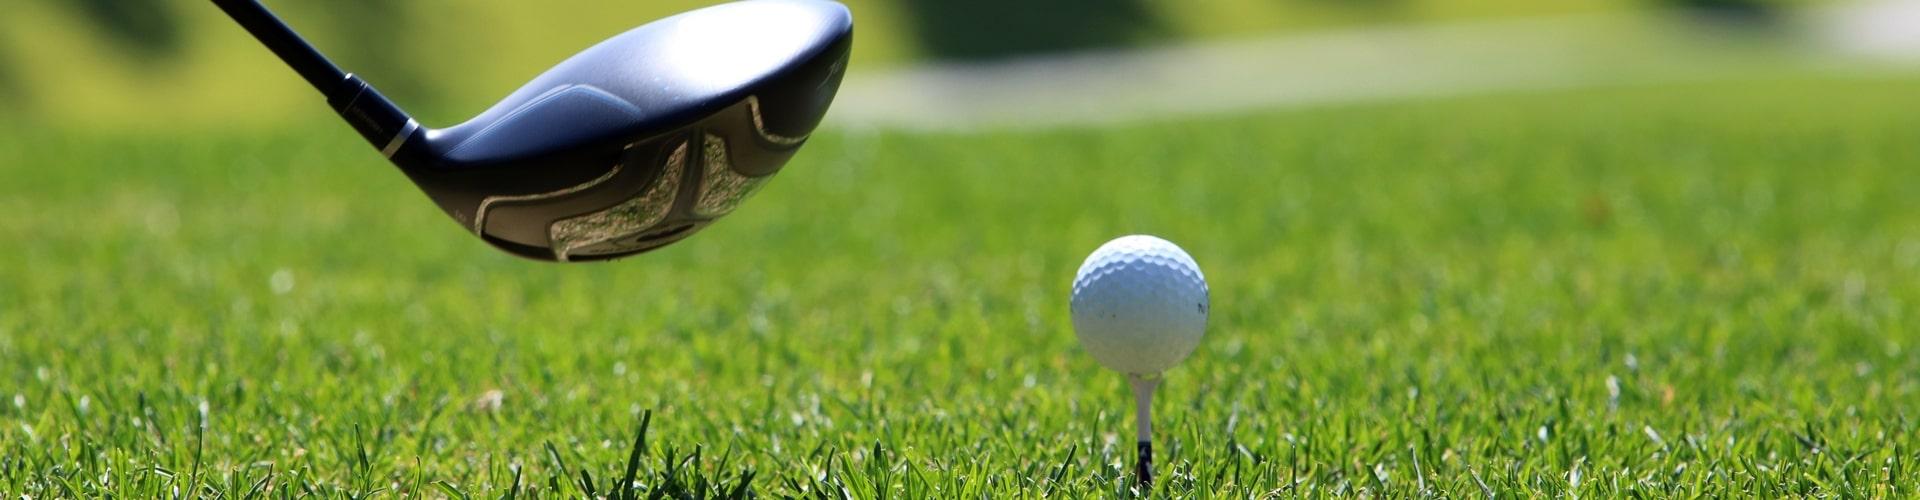 Eisen und Golfball